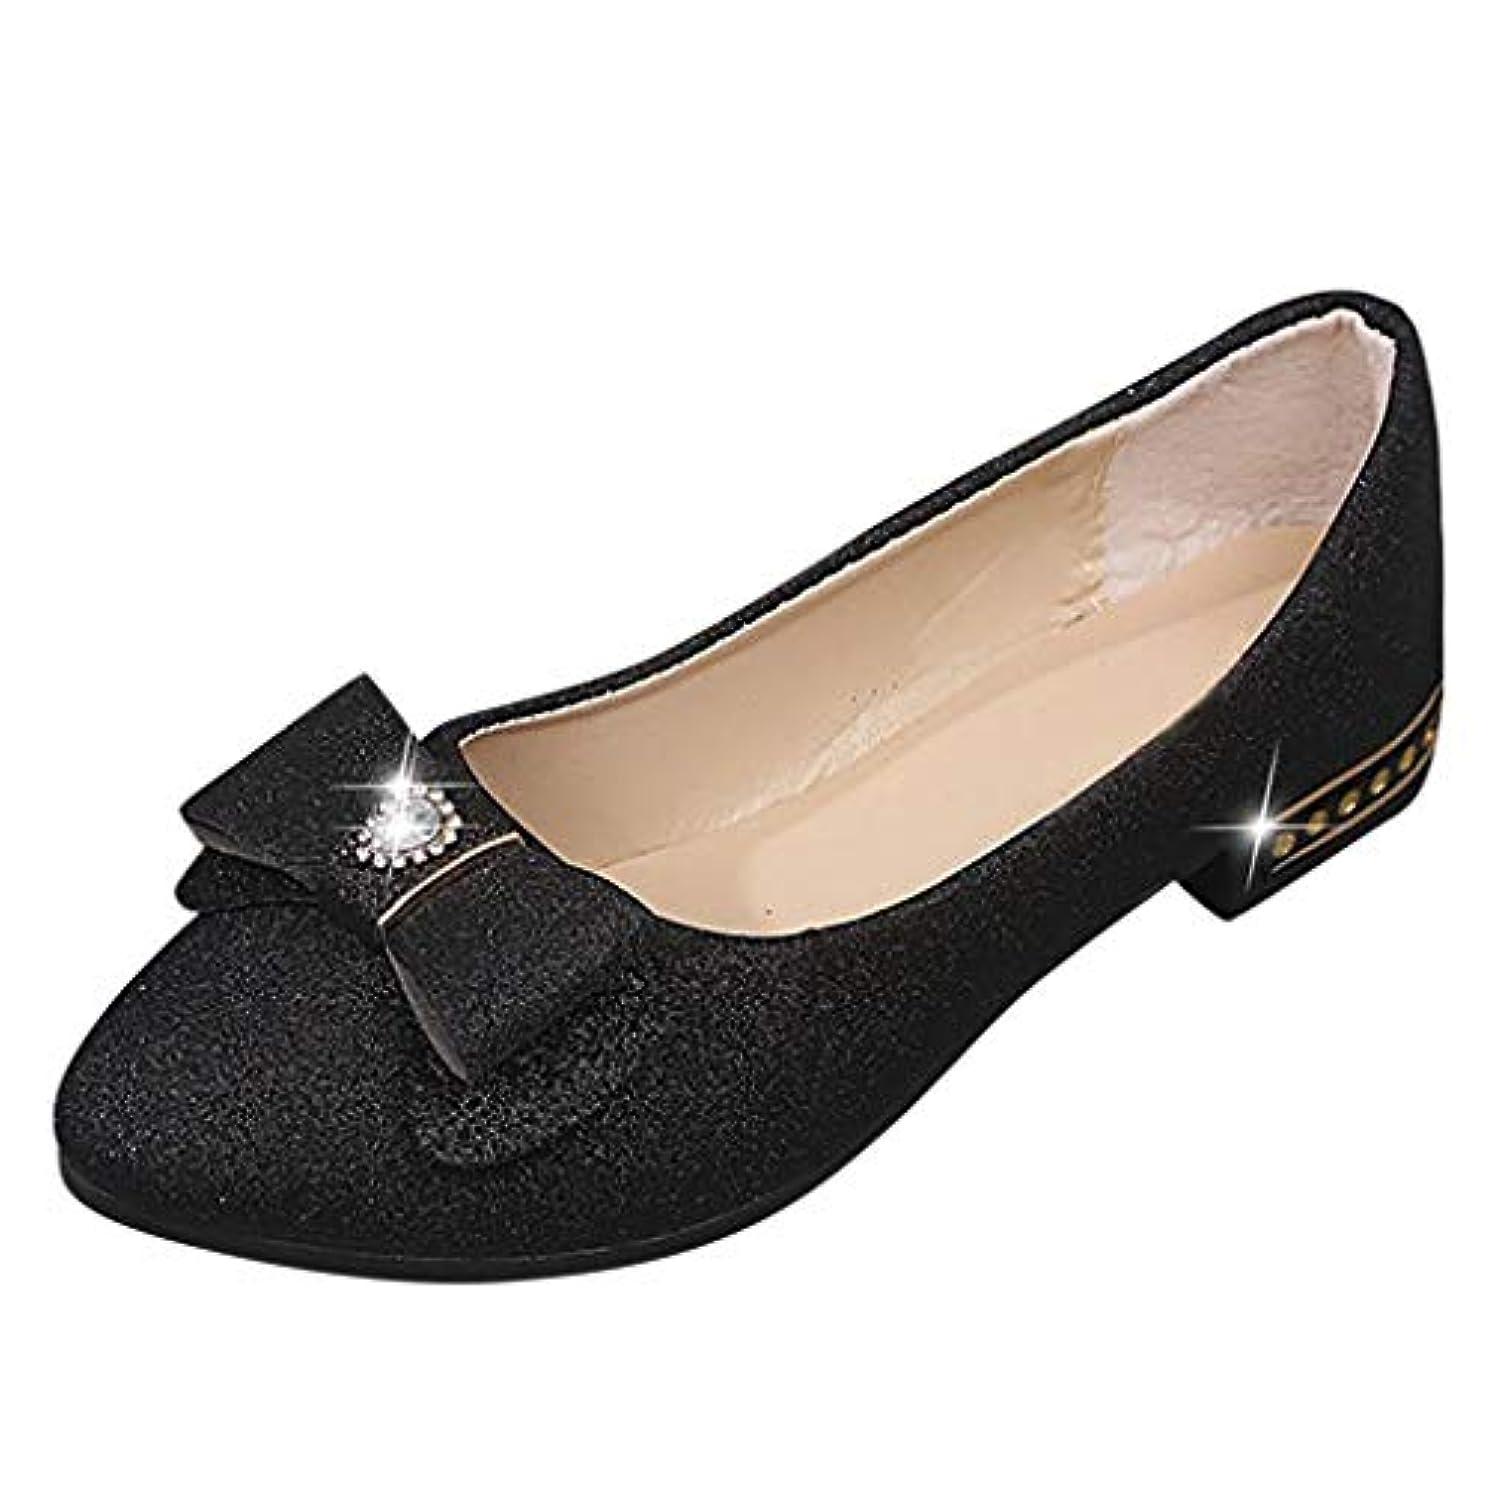 創傷タンパク質講師レディー ス フラットシューズTongdaxinxi 婦人向け ファッション カジュアル ソリッドバタフライノット フラットつま先 細い靴 本革 フラットシューズ サンダル 歩きやすい フラット 美脚サンダル